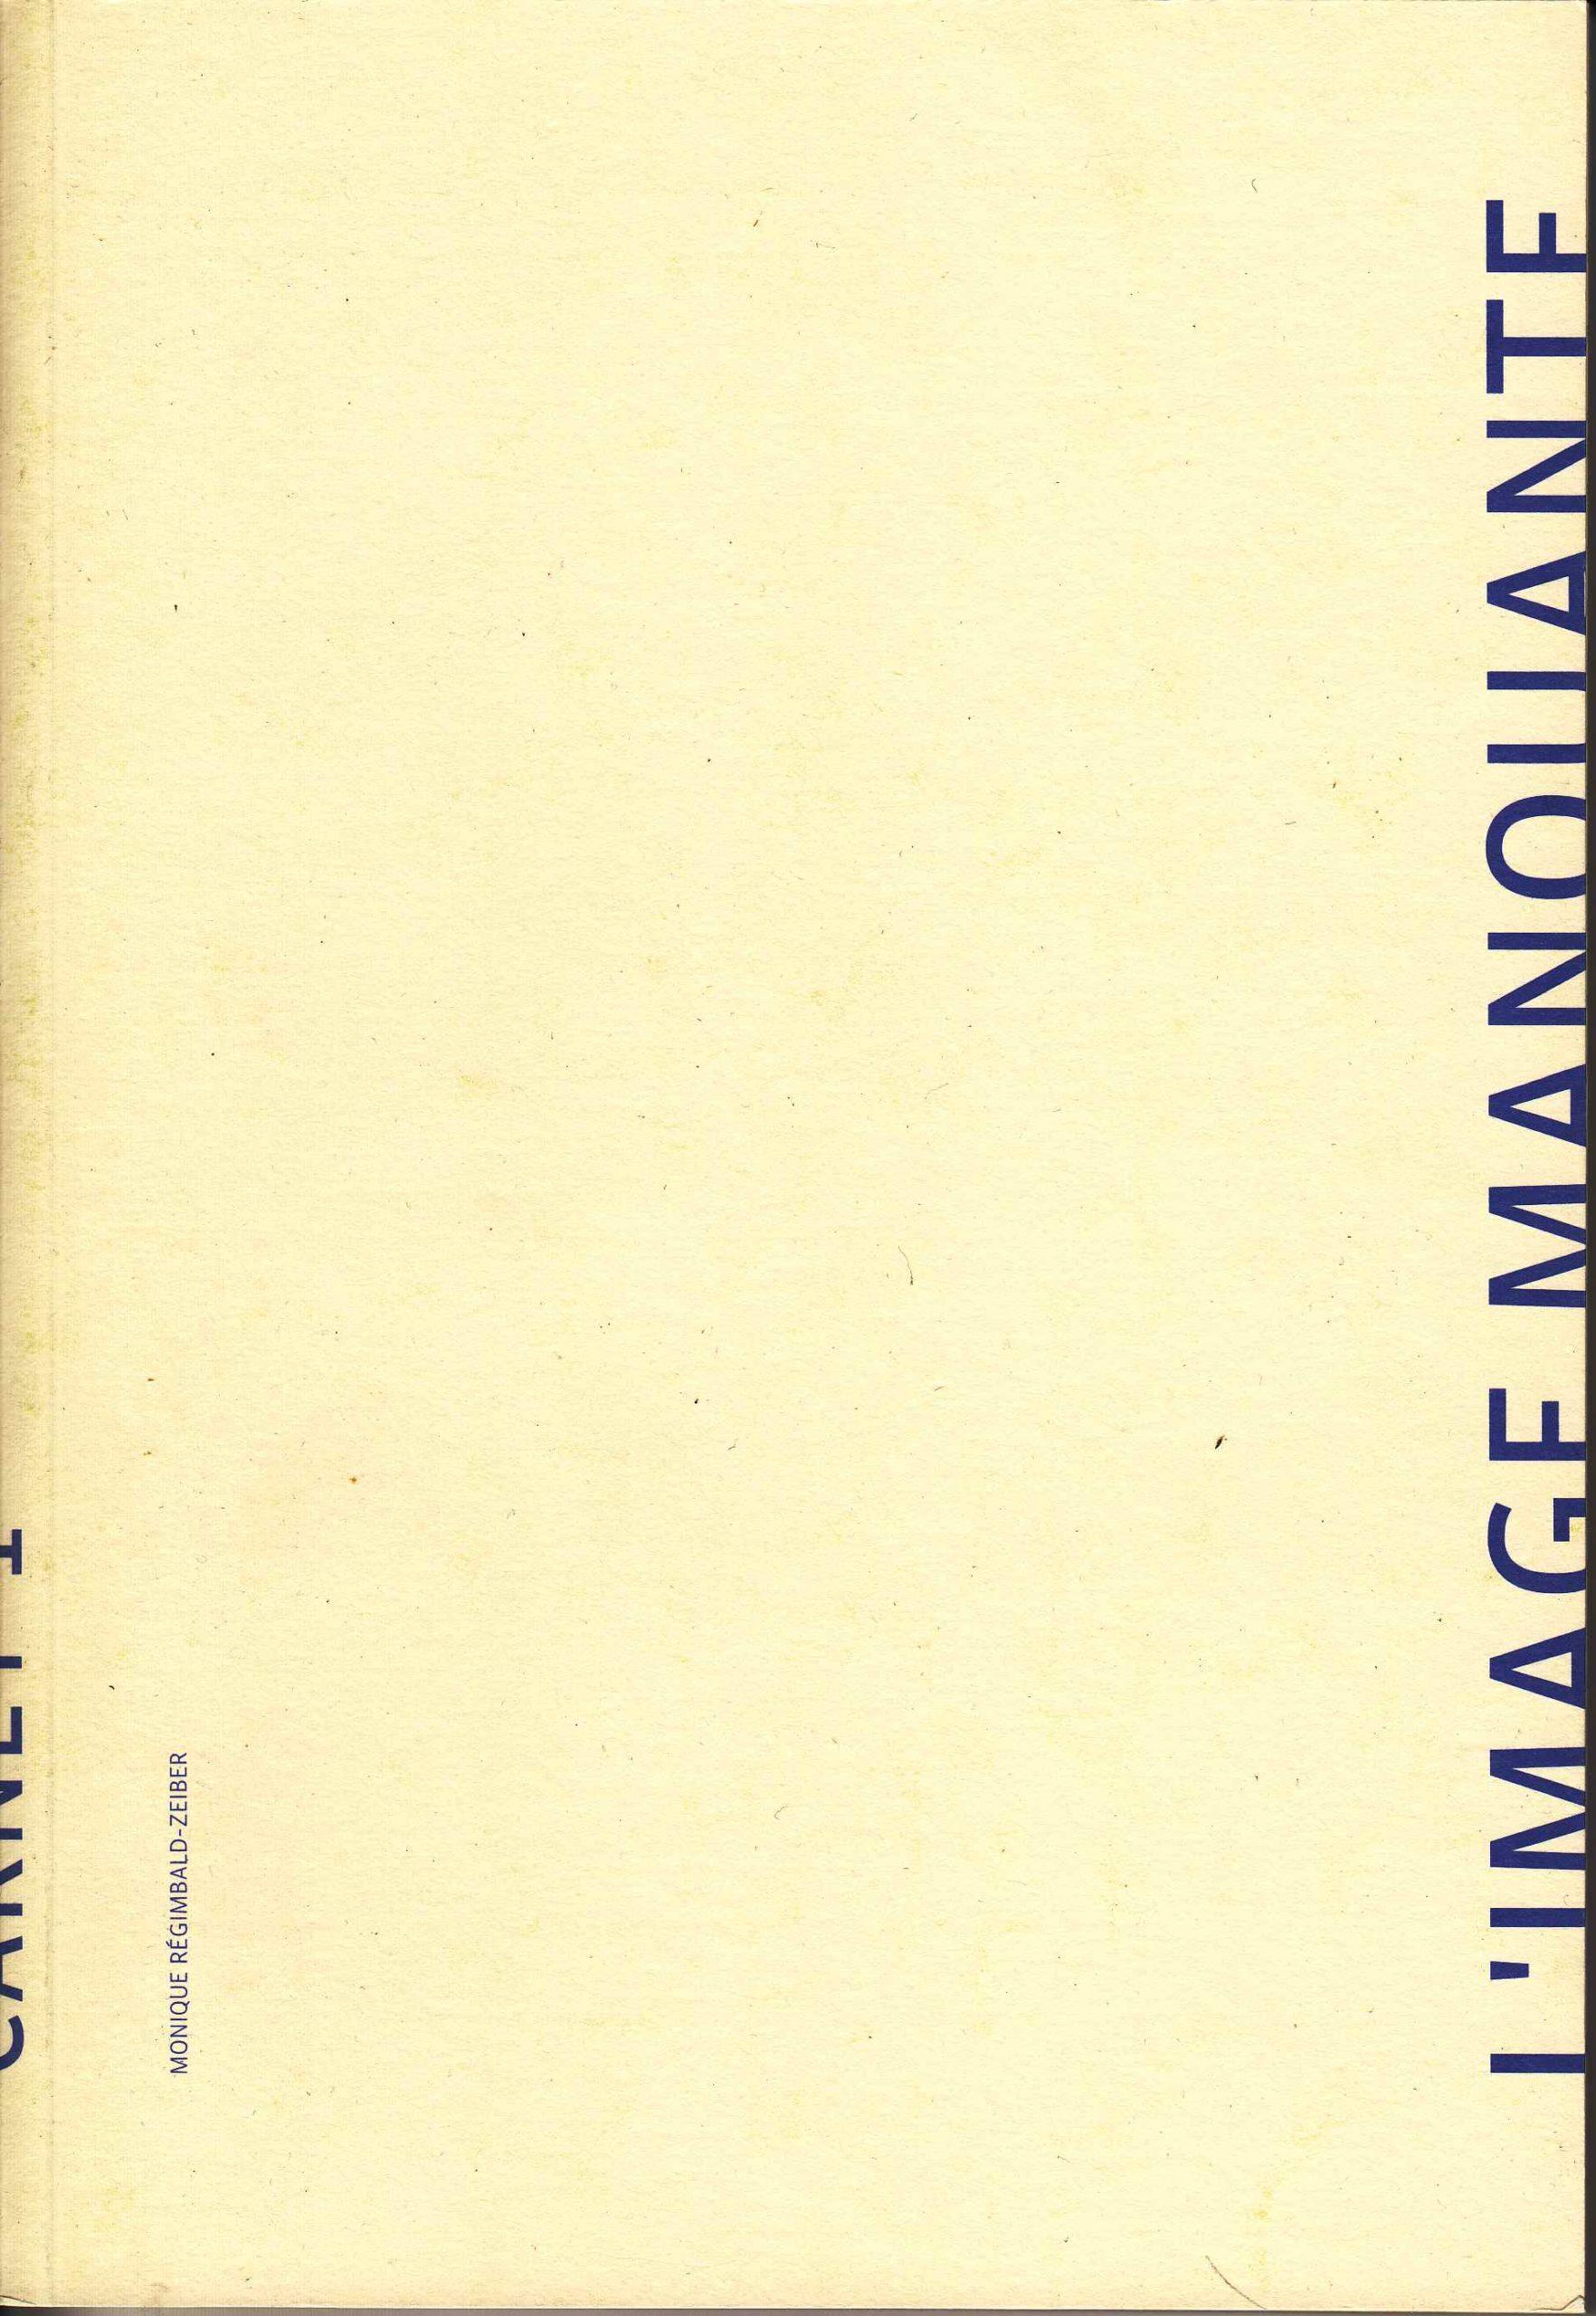 L'Image manquante, 2002-2005